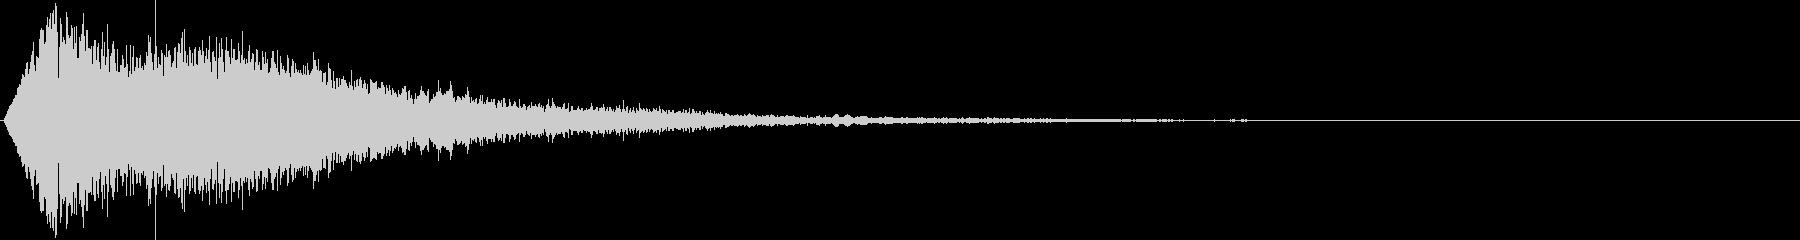 決定音(キュリリン)の未再生の波形